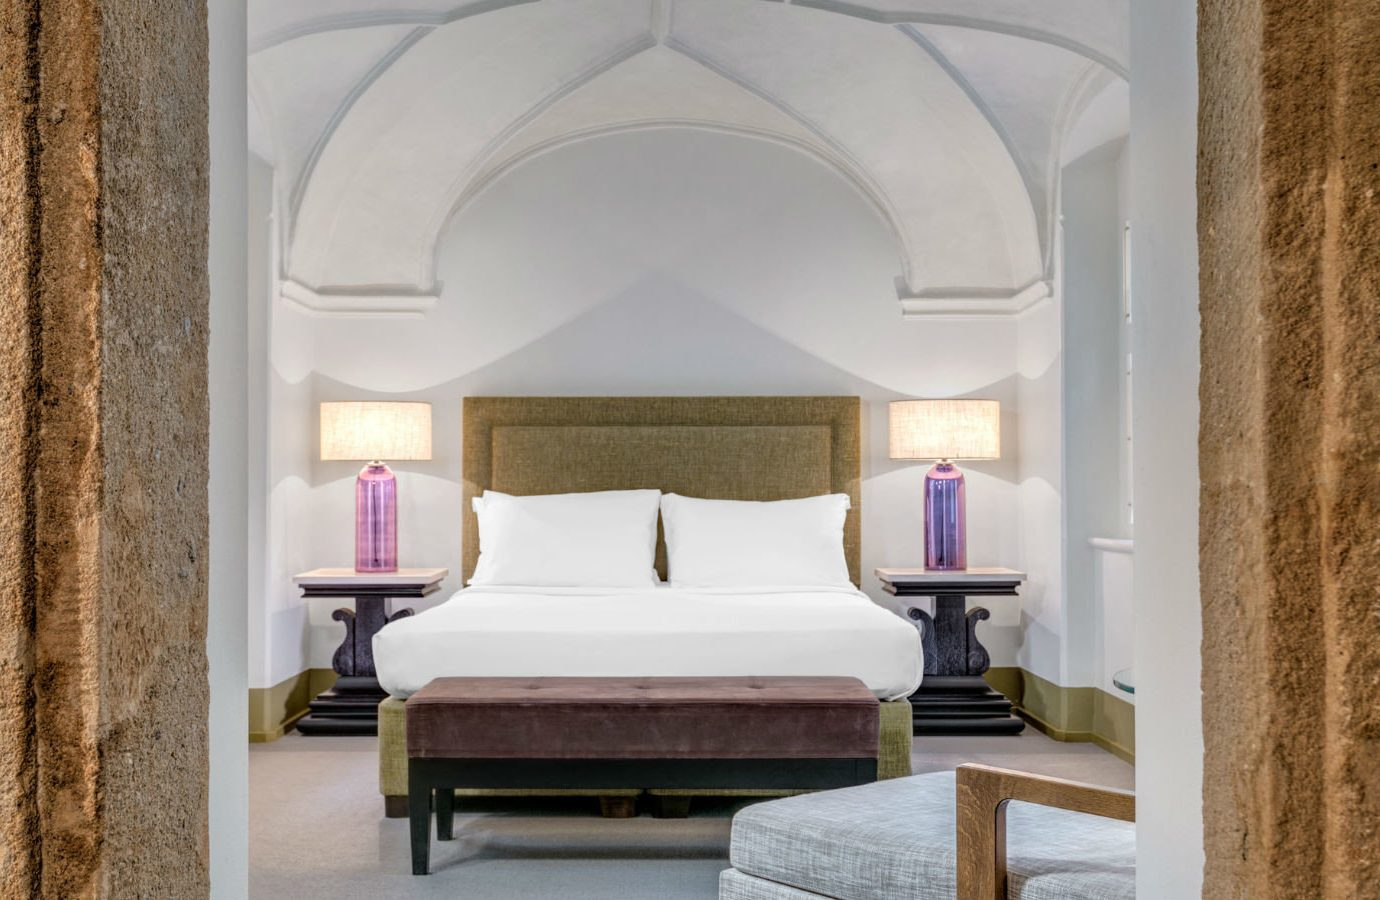 europe Hotels Prague wall room indoor Suite ceiling Architecture interior design estate stone Bedroom hotel window furniture interior designer